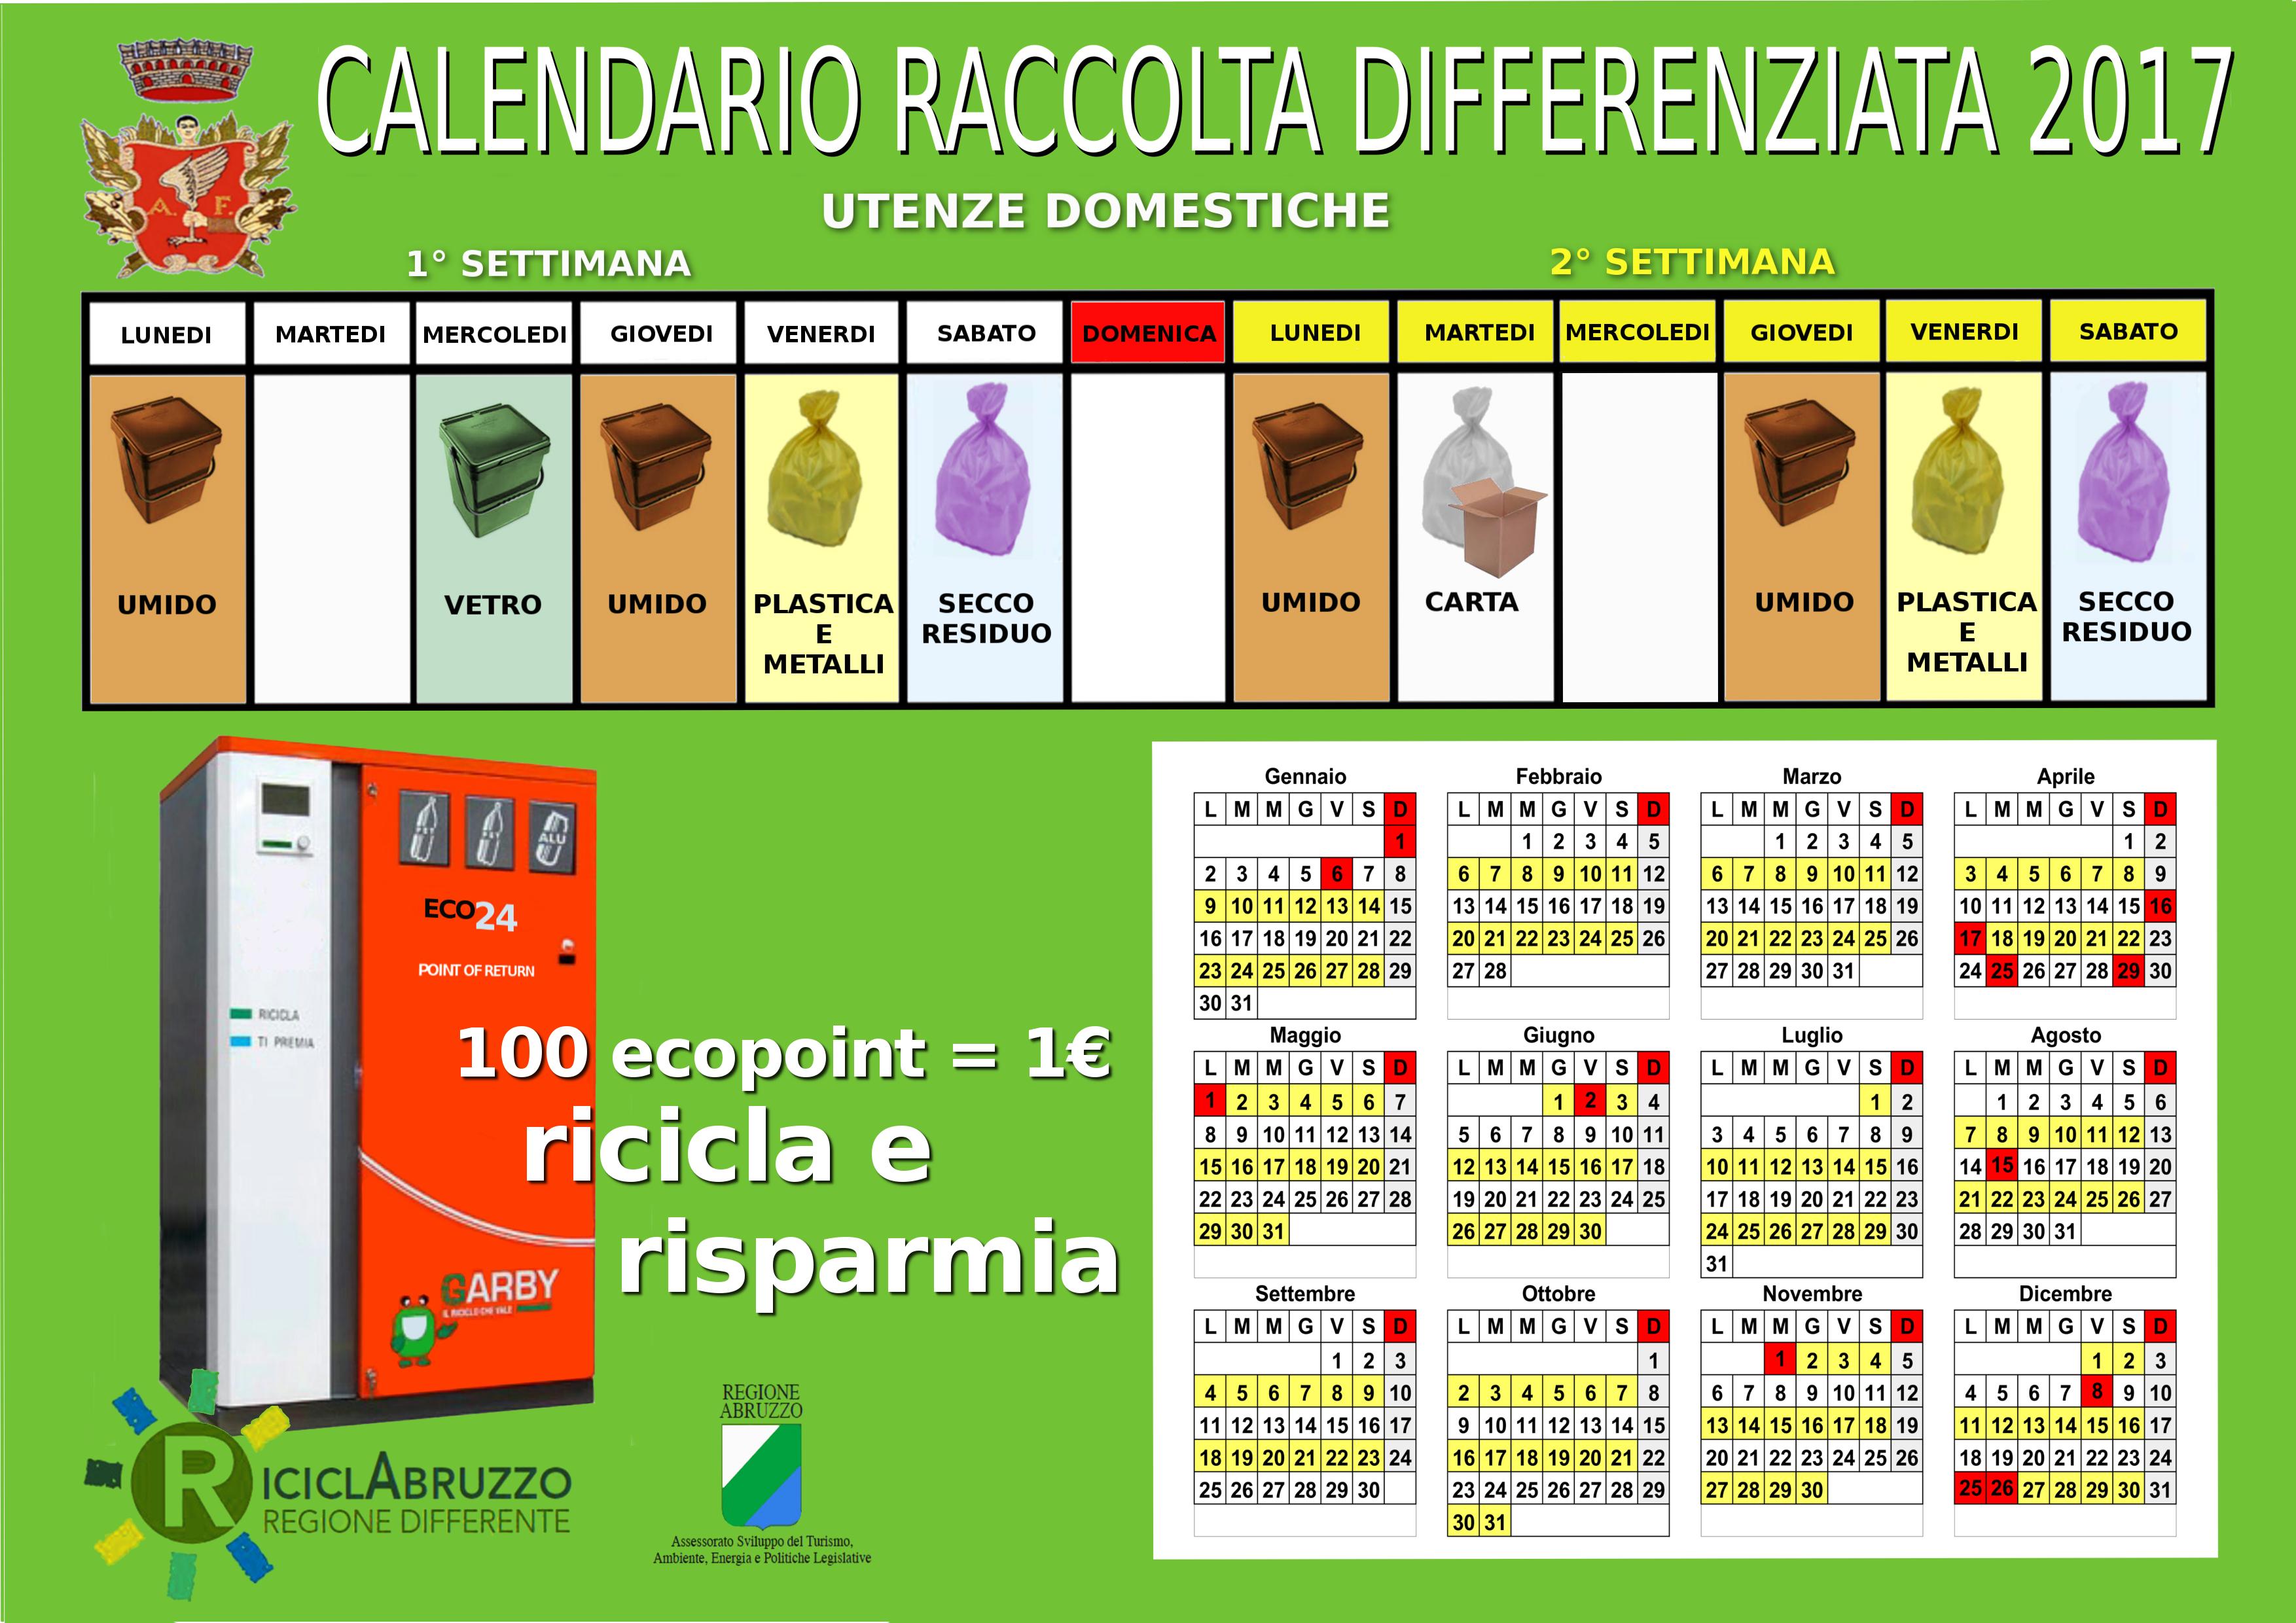 Calendario Raccolta Differenziata Napoli.Linee Guida Comune Di Alfedena